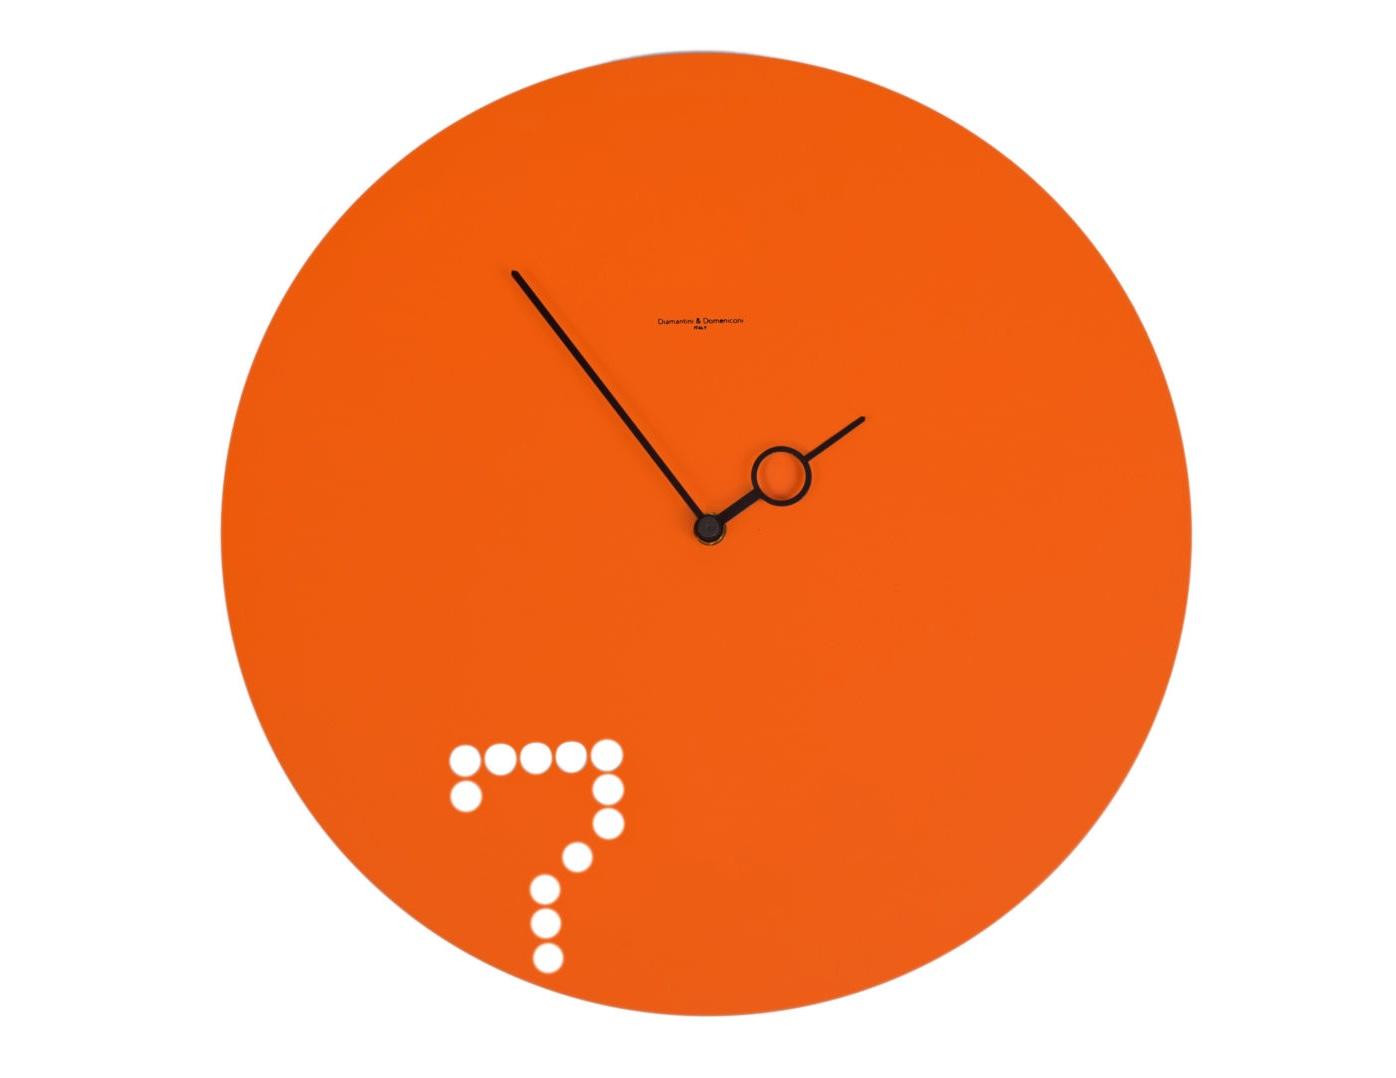 Часы настенные SevenНастенные часы<br>Стильные, современные настенные часы Seven – яркий представитель минимализма, снова набирающего популярность в мире высокого дизайна. Благодаря нескольким вариантам отделки, они будут прекрасно смотреться и в строгом кабинете с кожаной мебелью, и на уютной кухне в стиле Прованс.&amp;lt;div&amp;gt;&amp;lt;br&amp;gt;&amp;lt;/div&amp;gt;&amp;lt;div&amp;gt;Кварцевый механизм&amp;lt;/div&amp;gt;<br><br>Material: Металл<br>Глубина см: 2